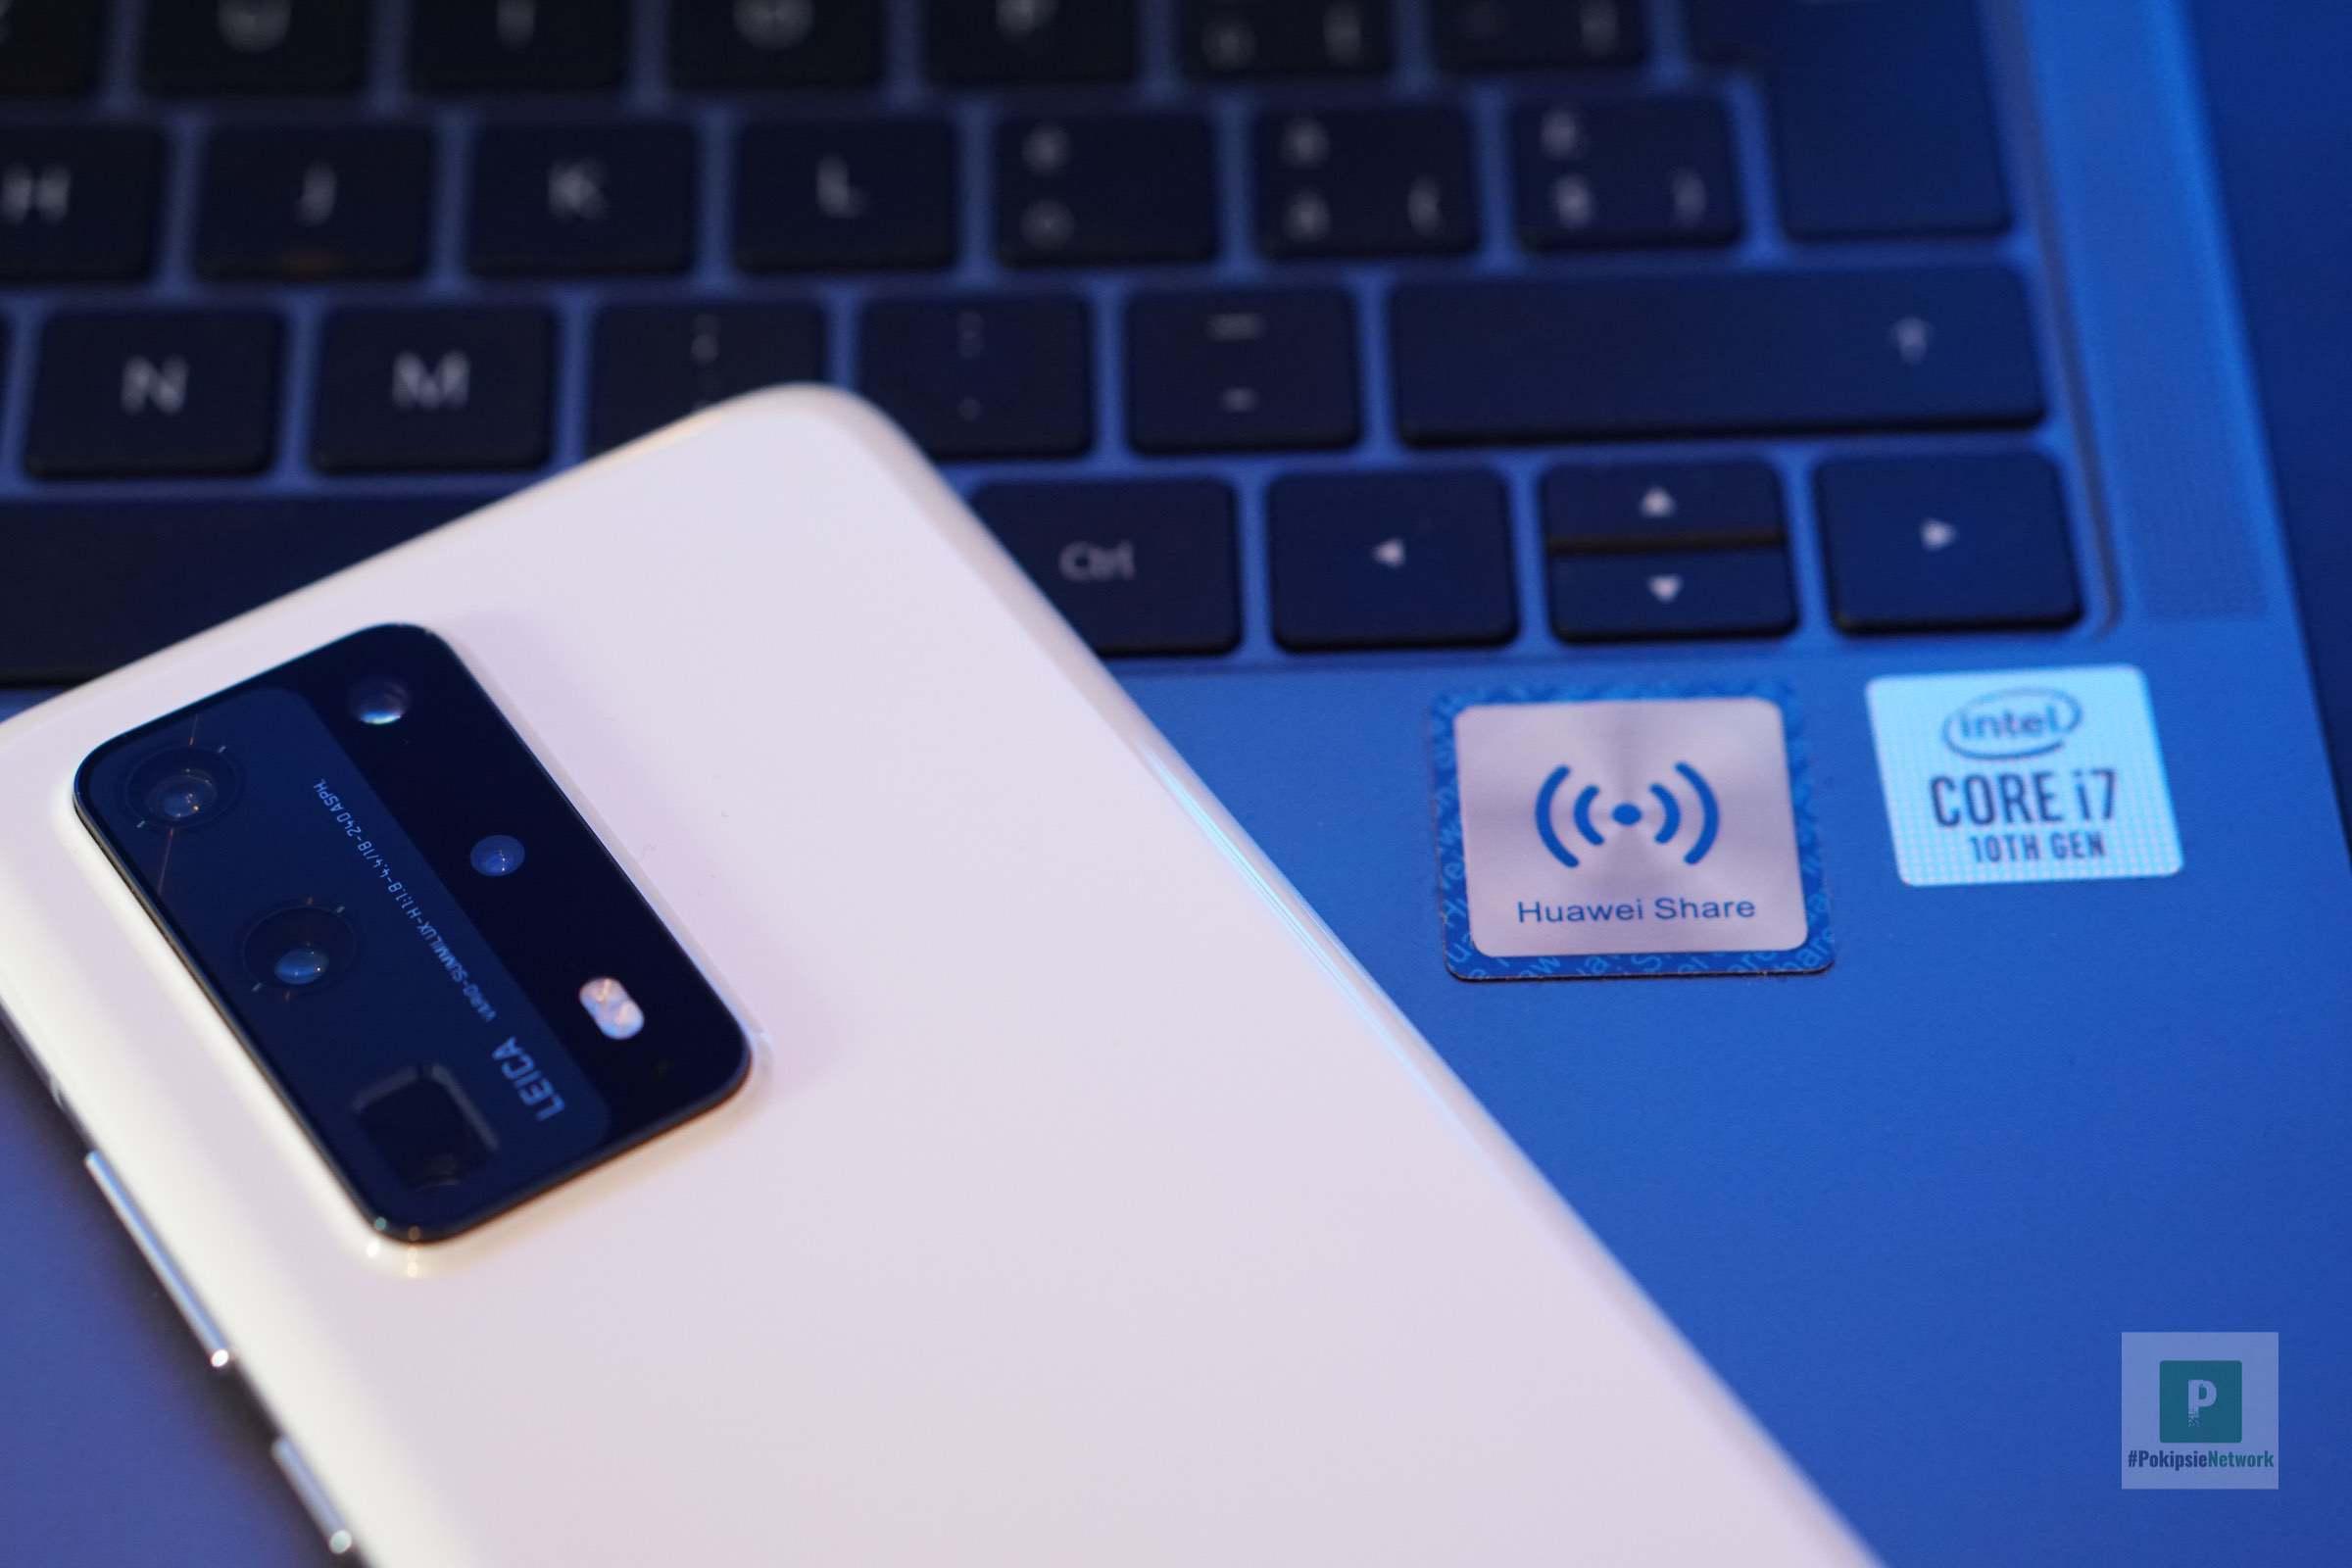 Huawei Share – Was ist das? Wie funktioniert es und was kann es?